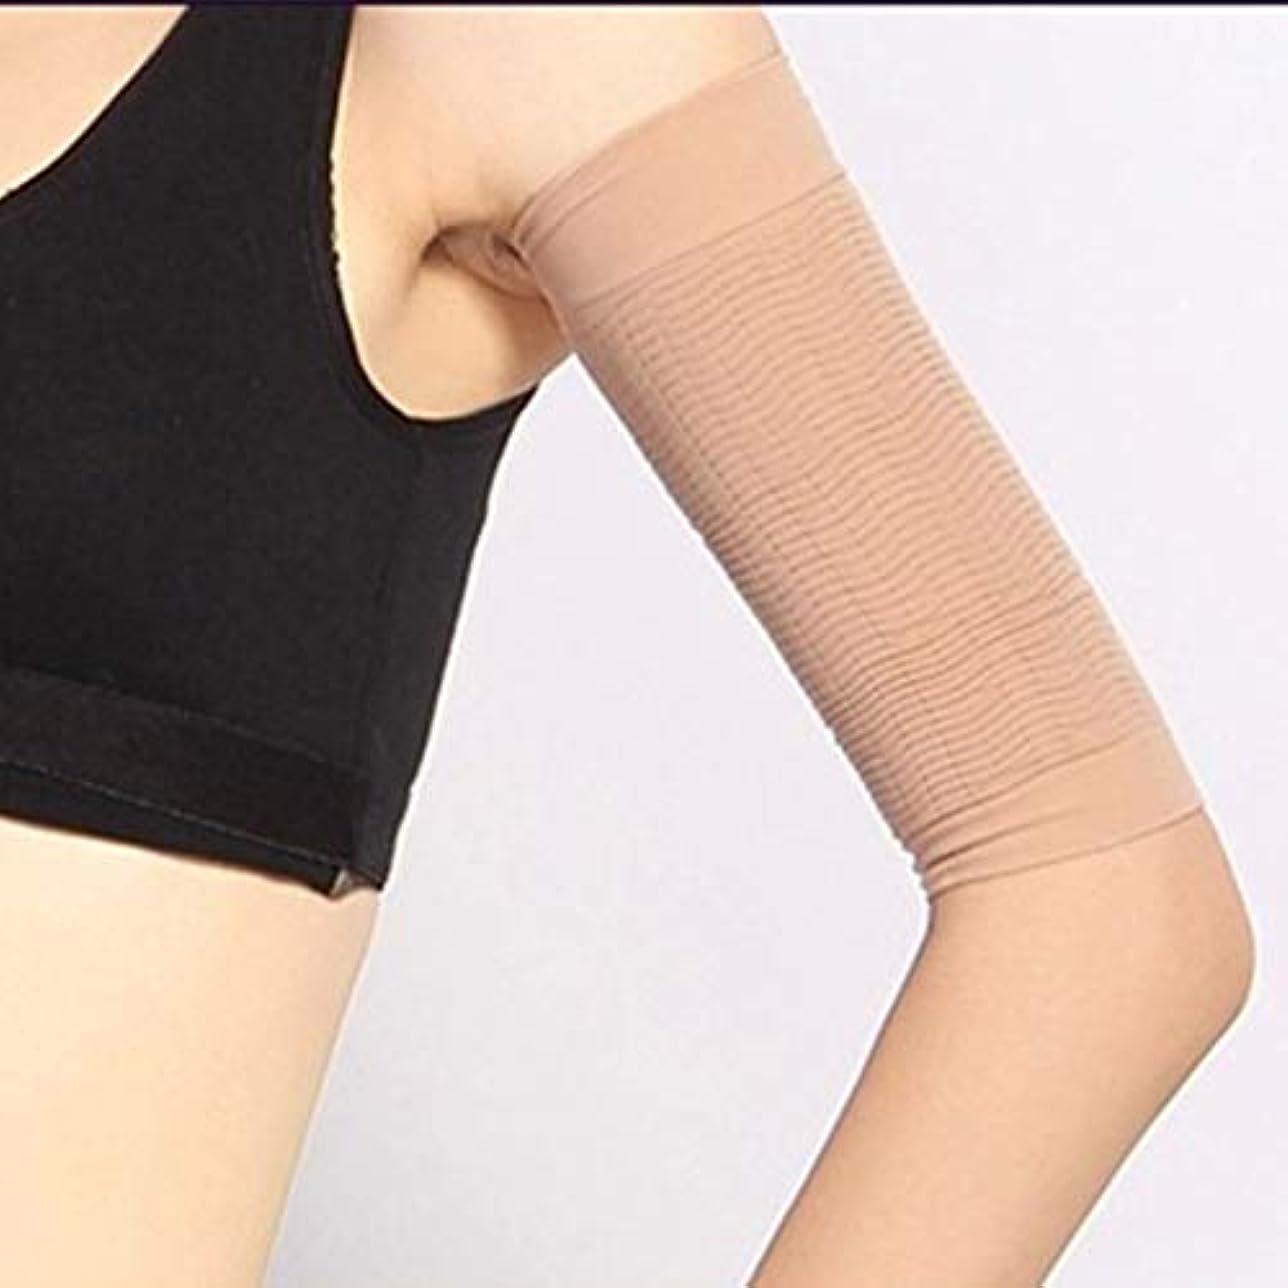 プラスレンチ頭痛1ペア420 D圧縮痩身アームスリーブワークアウトトーニングバーンセルライトシェイパー脂肪燃焼袖用女性 - 肌色